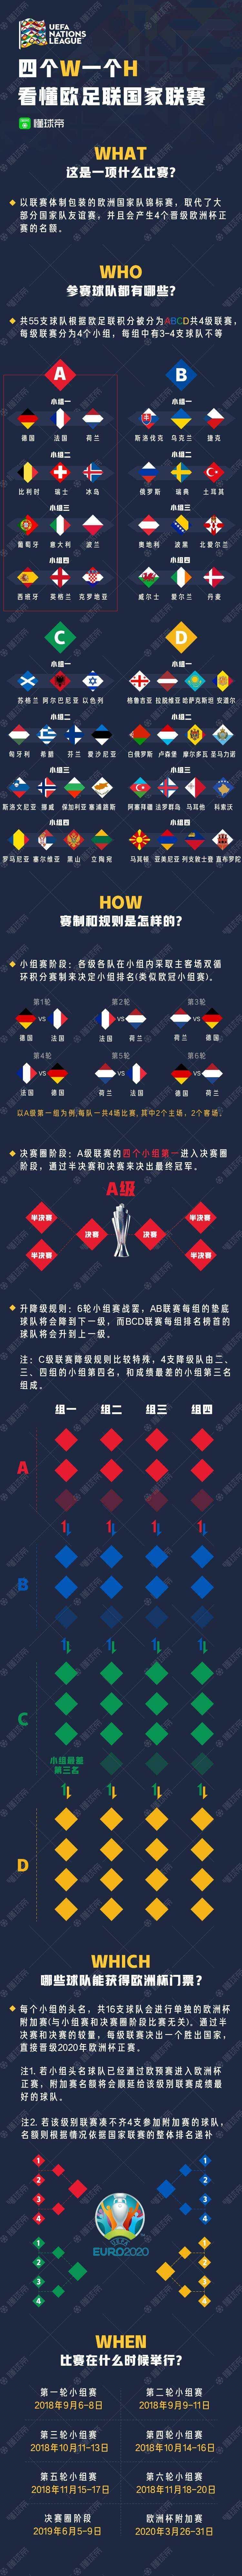 欧洲国家联赛赛程赛制分析 冠军奖金可达450万欧元